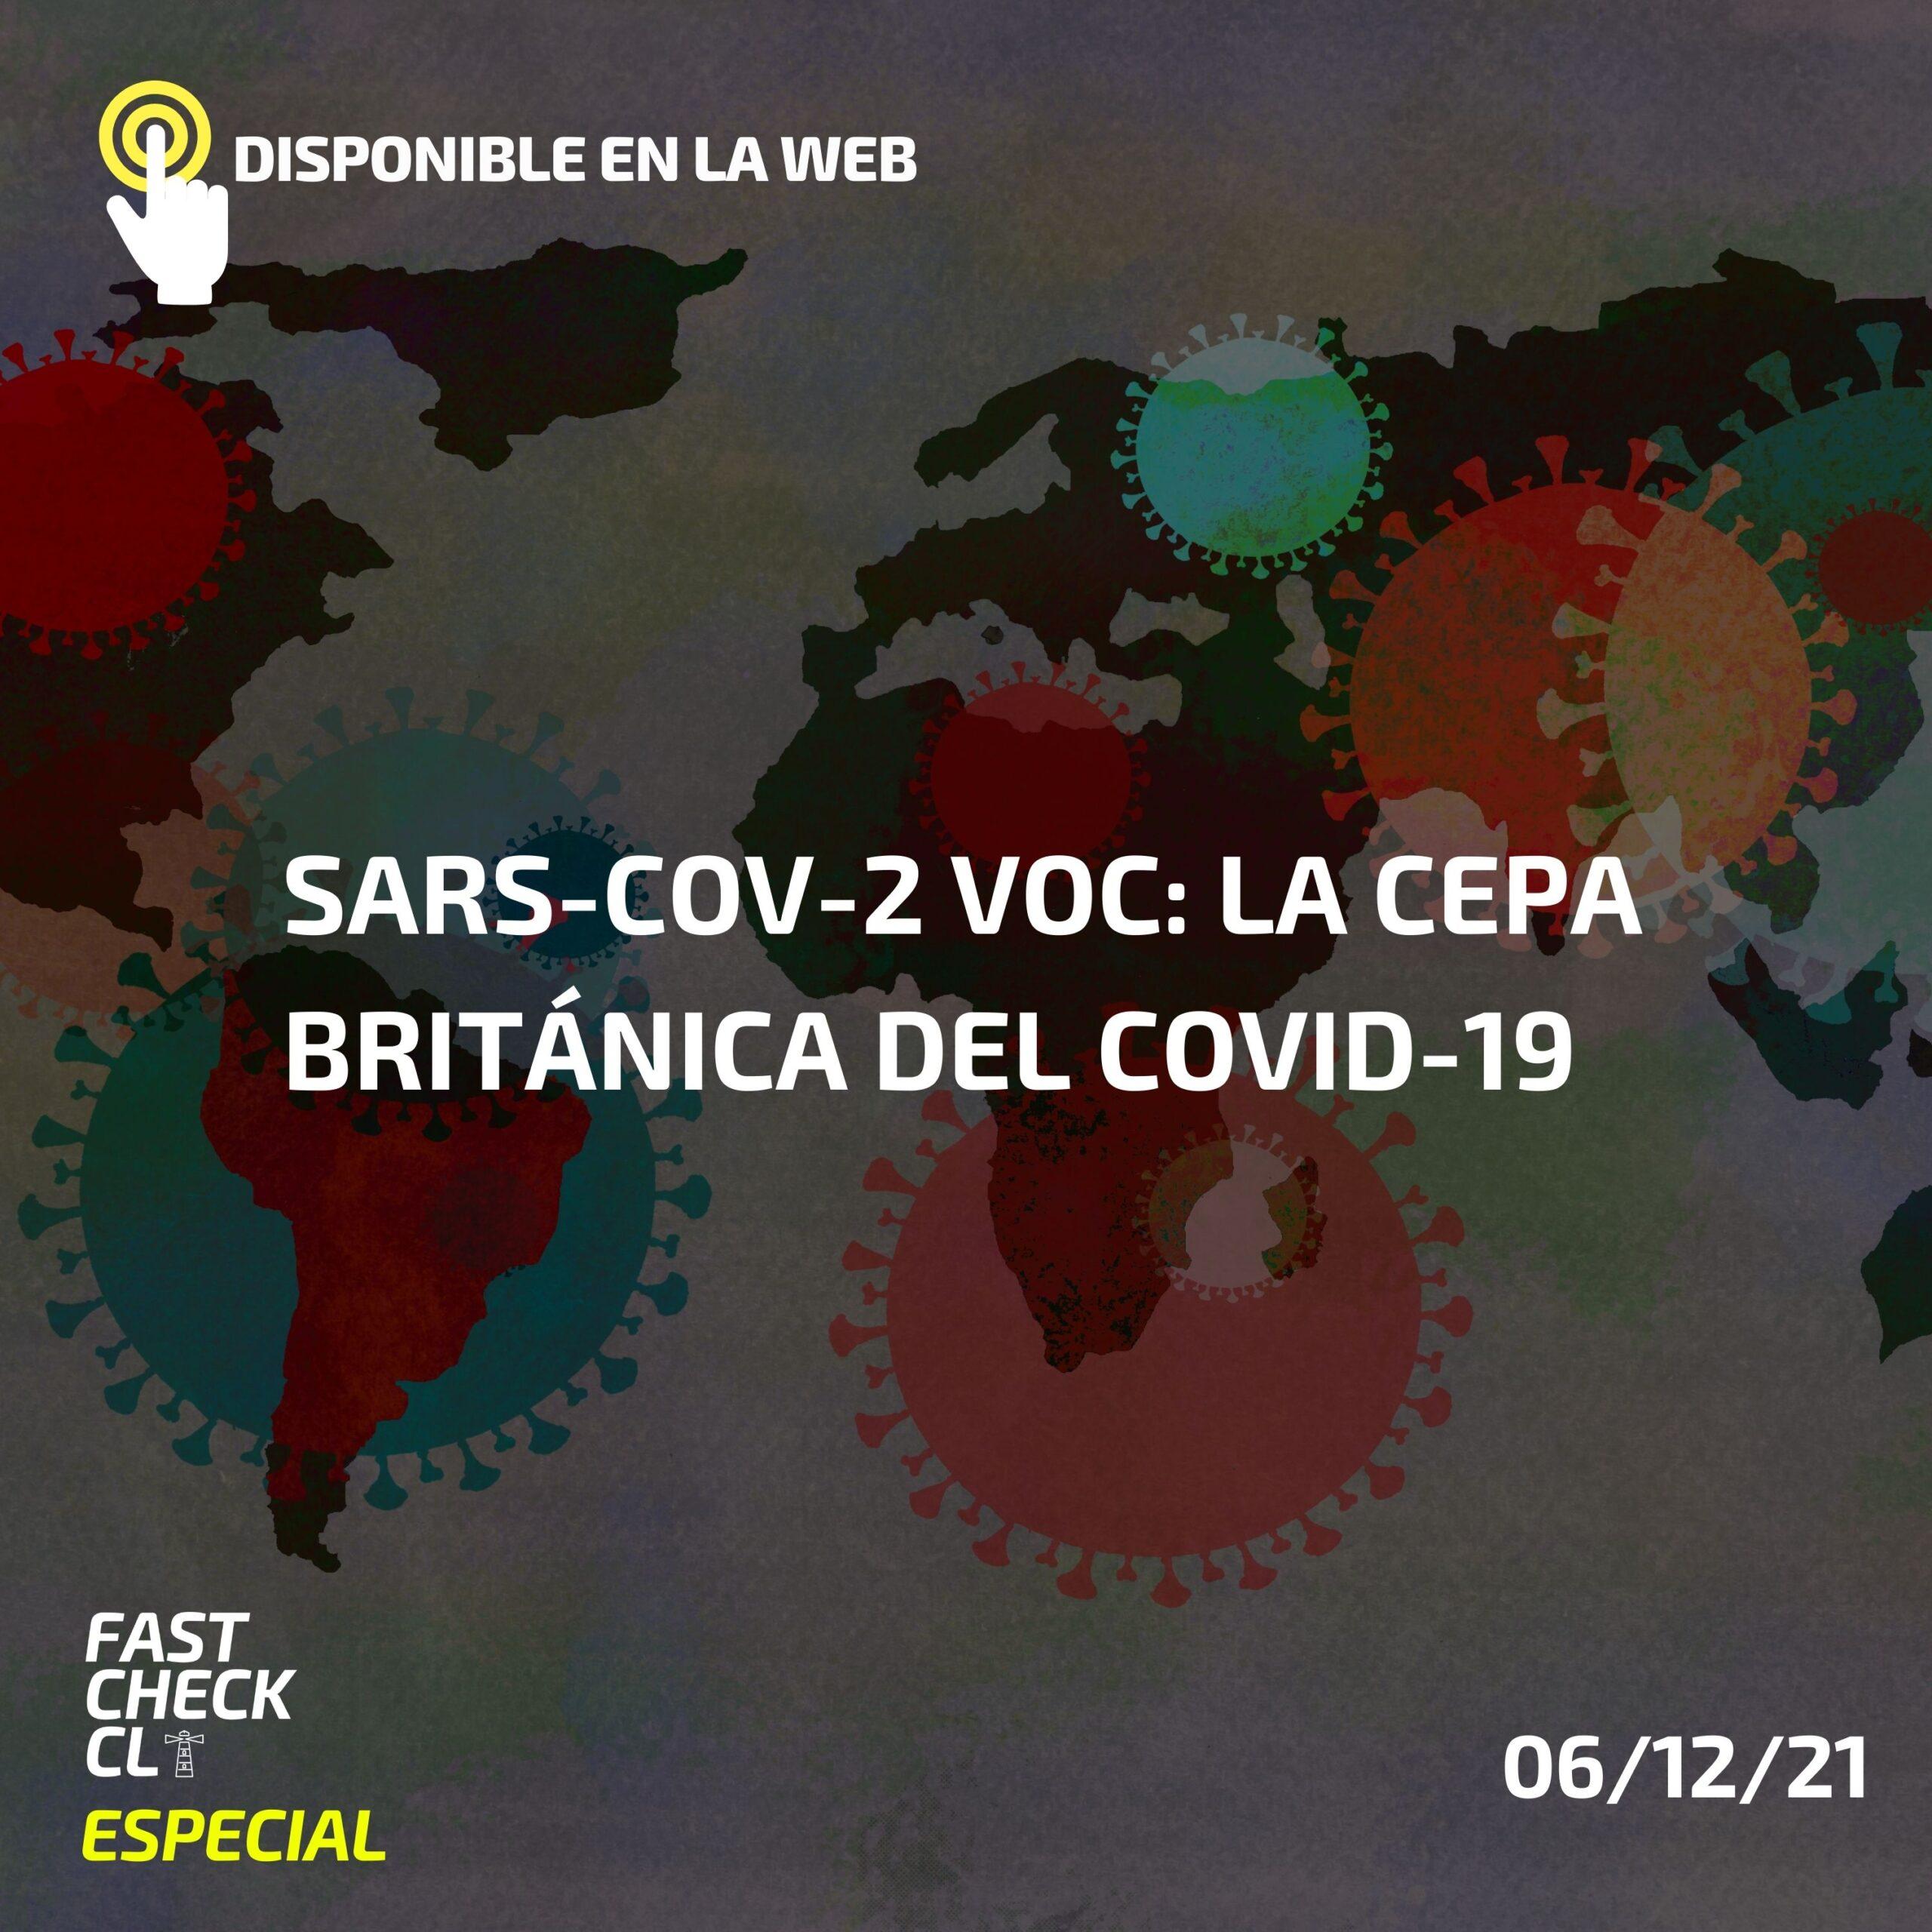 SARS-CoV-2 VOC: La cepa británica del COVID-19